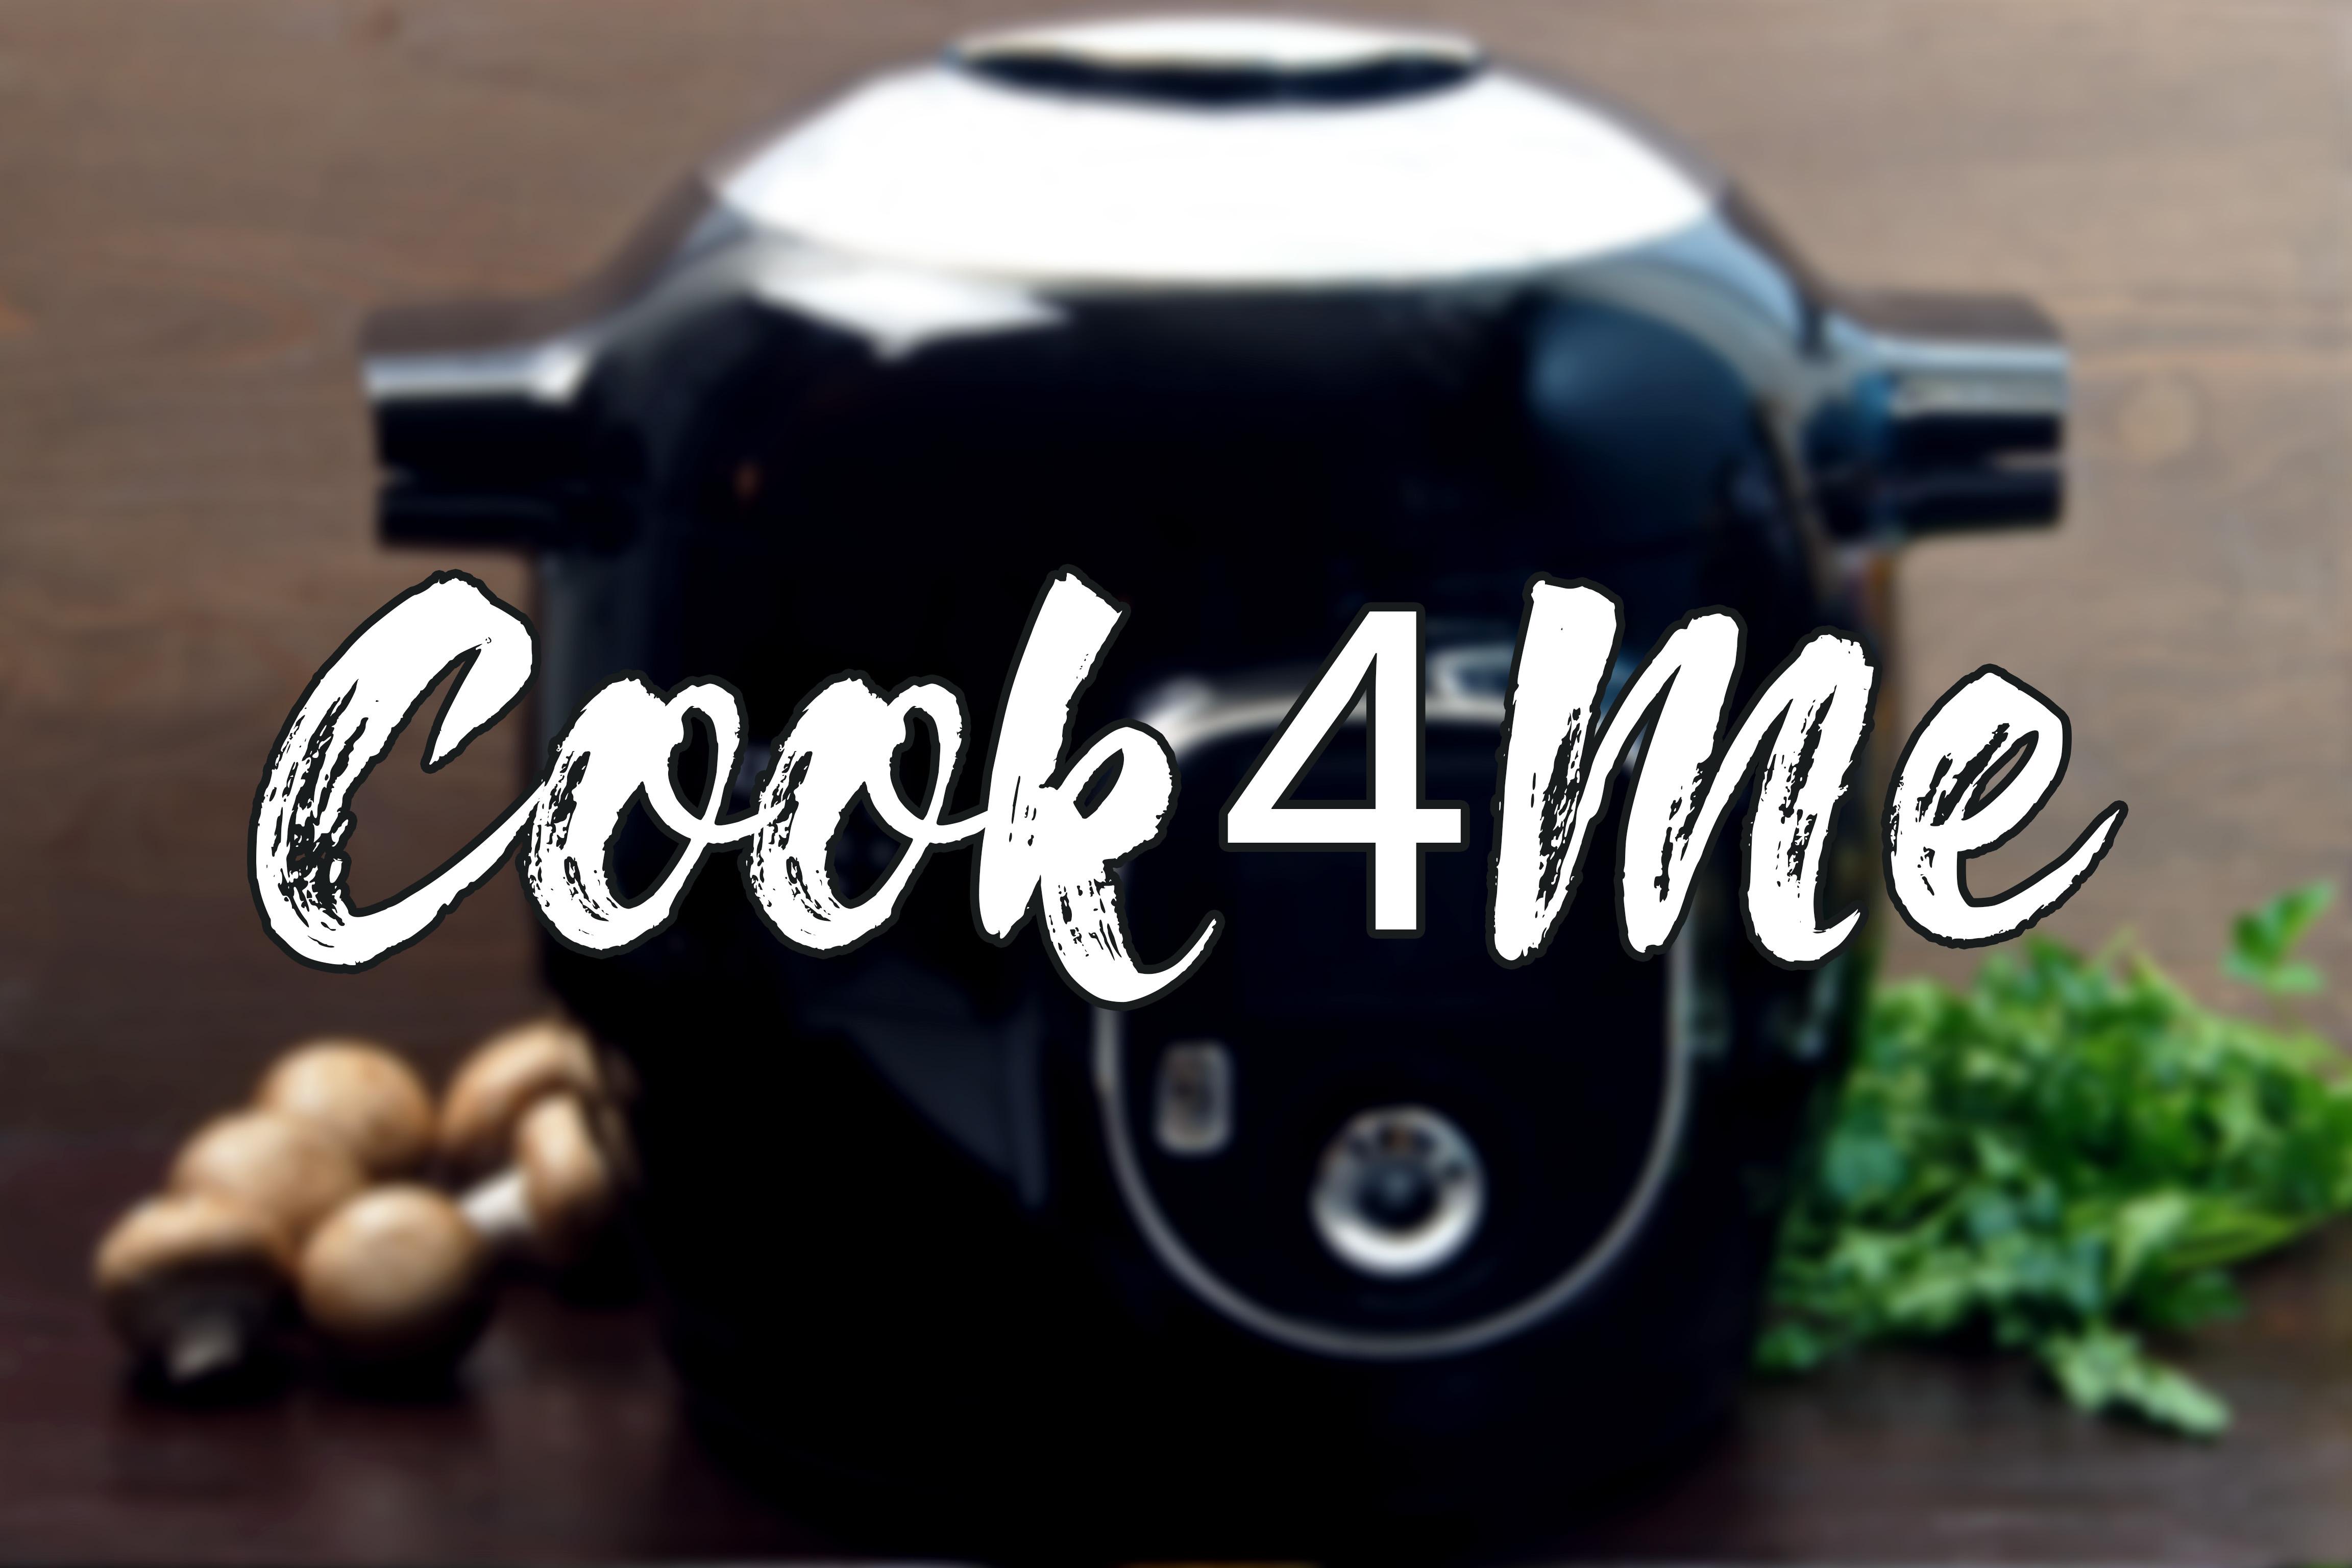 cook4me, cook 4 me, rezepte, rezeptideen, rezept, vegetarisch, vegan